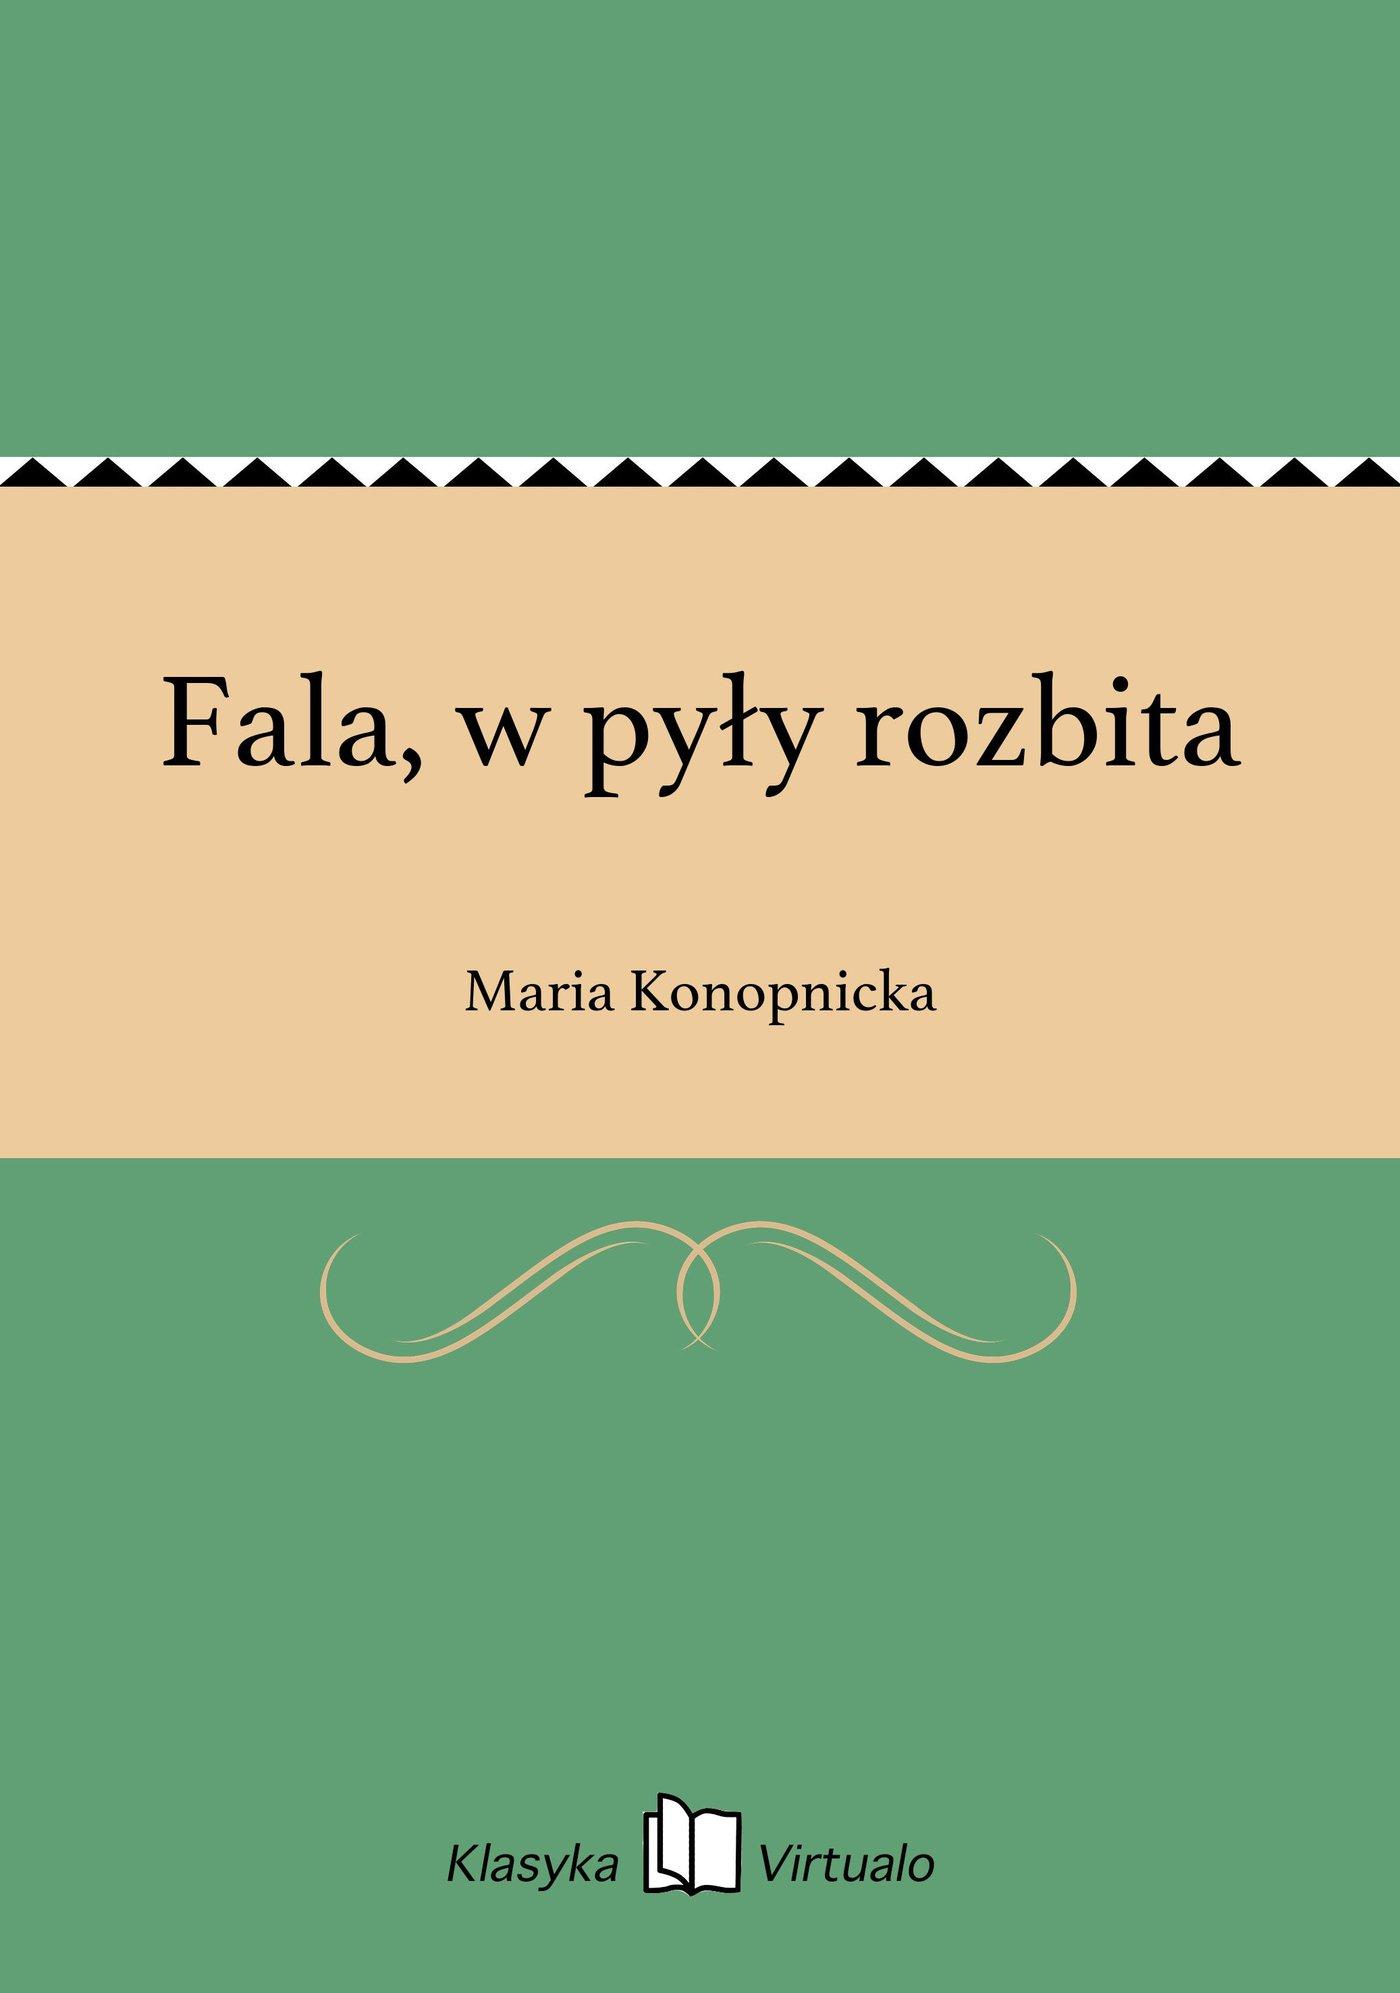 Fala, w pyły rozbita - Ebook (Książka EPUB) do pobrania w formacie EPUB